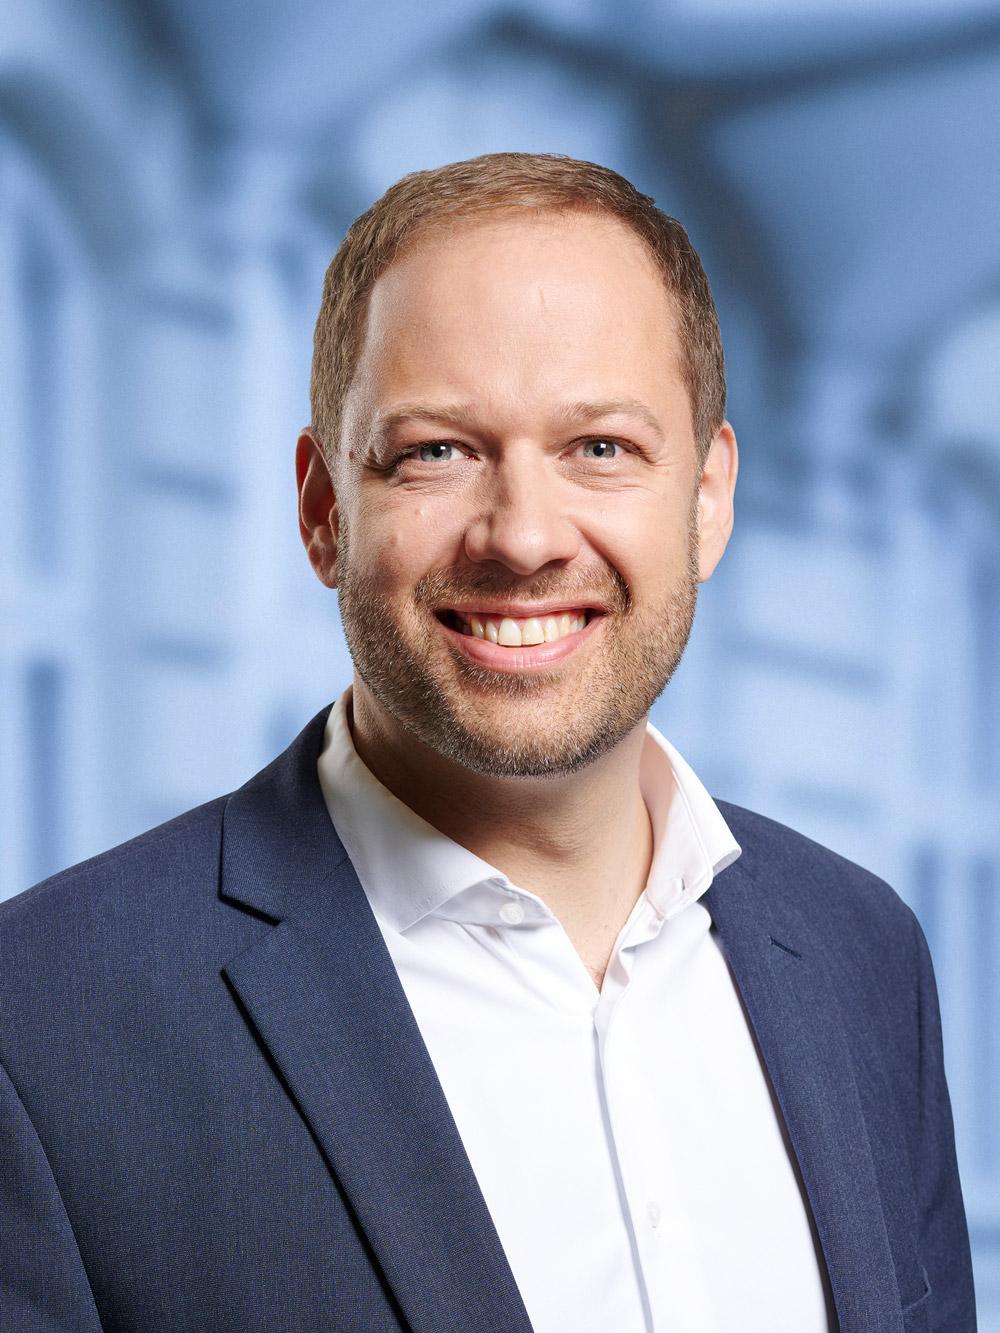 Venstre Stephan Arnold Thomsen